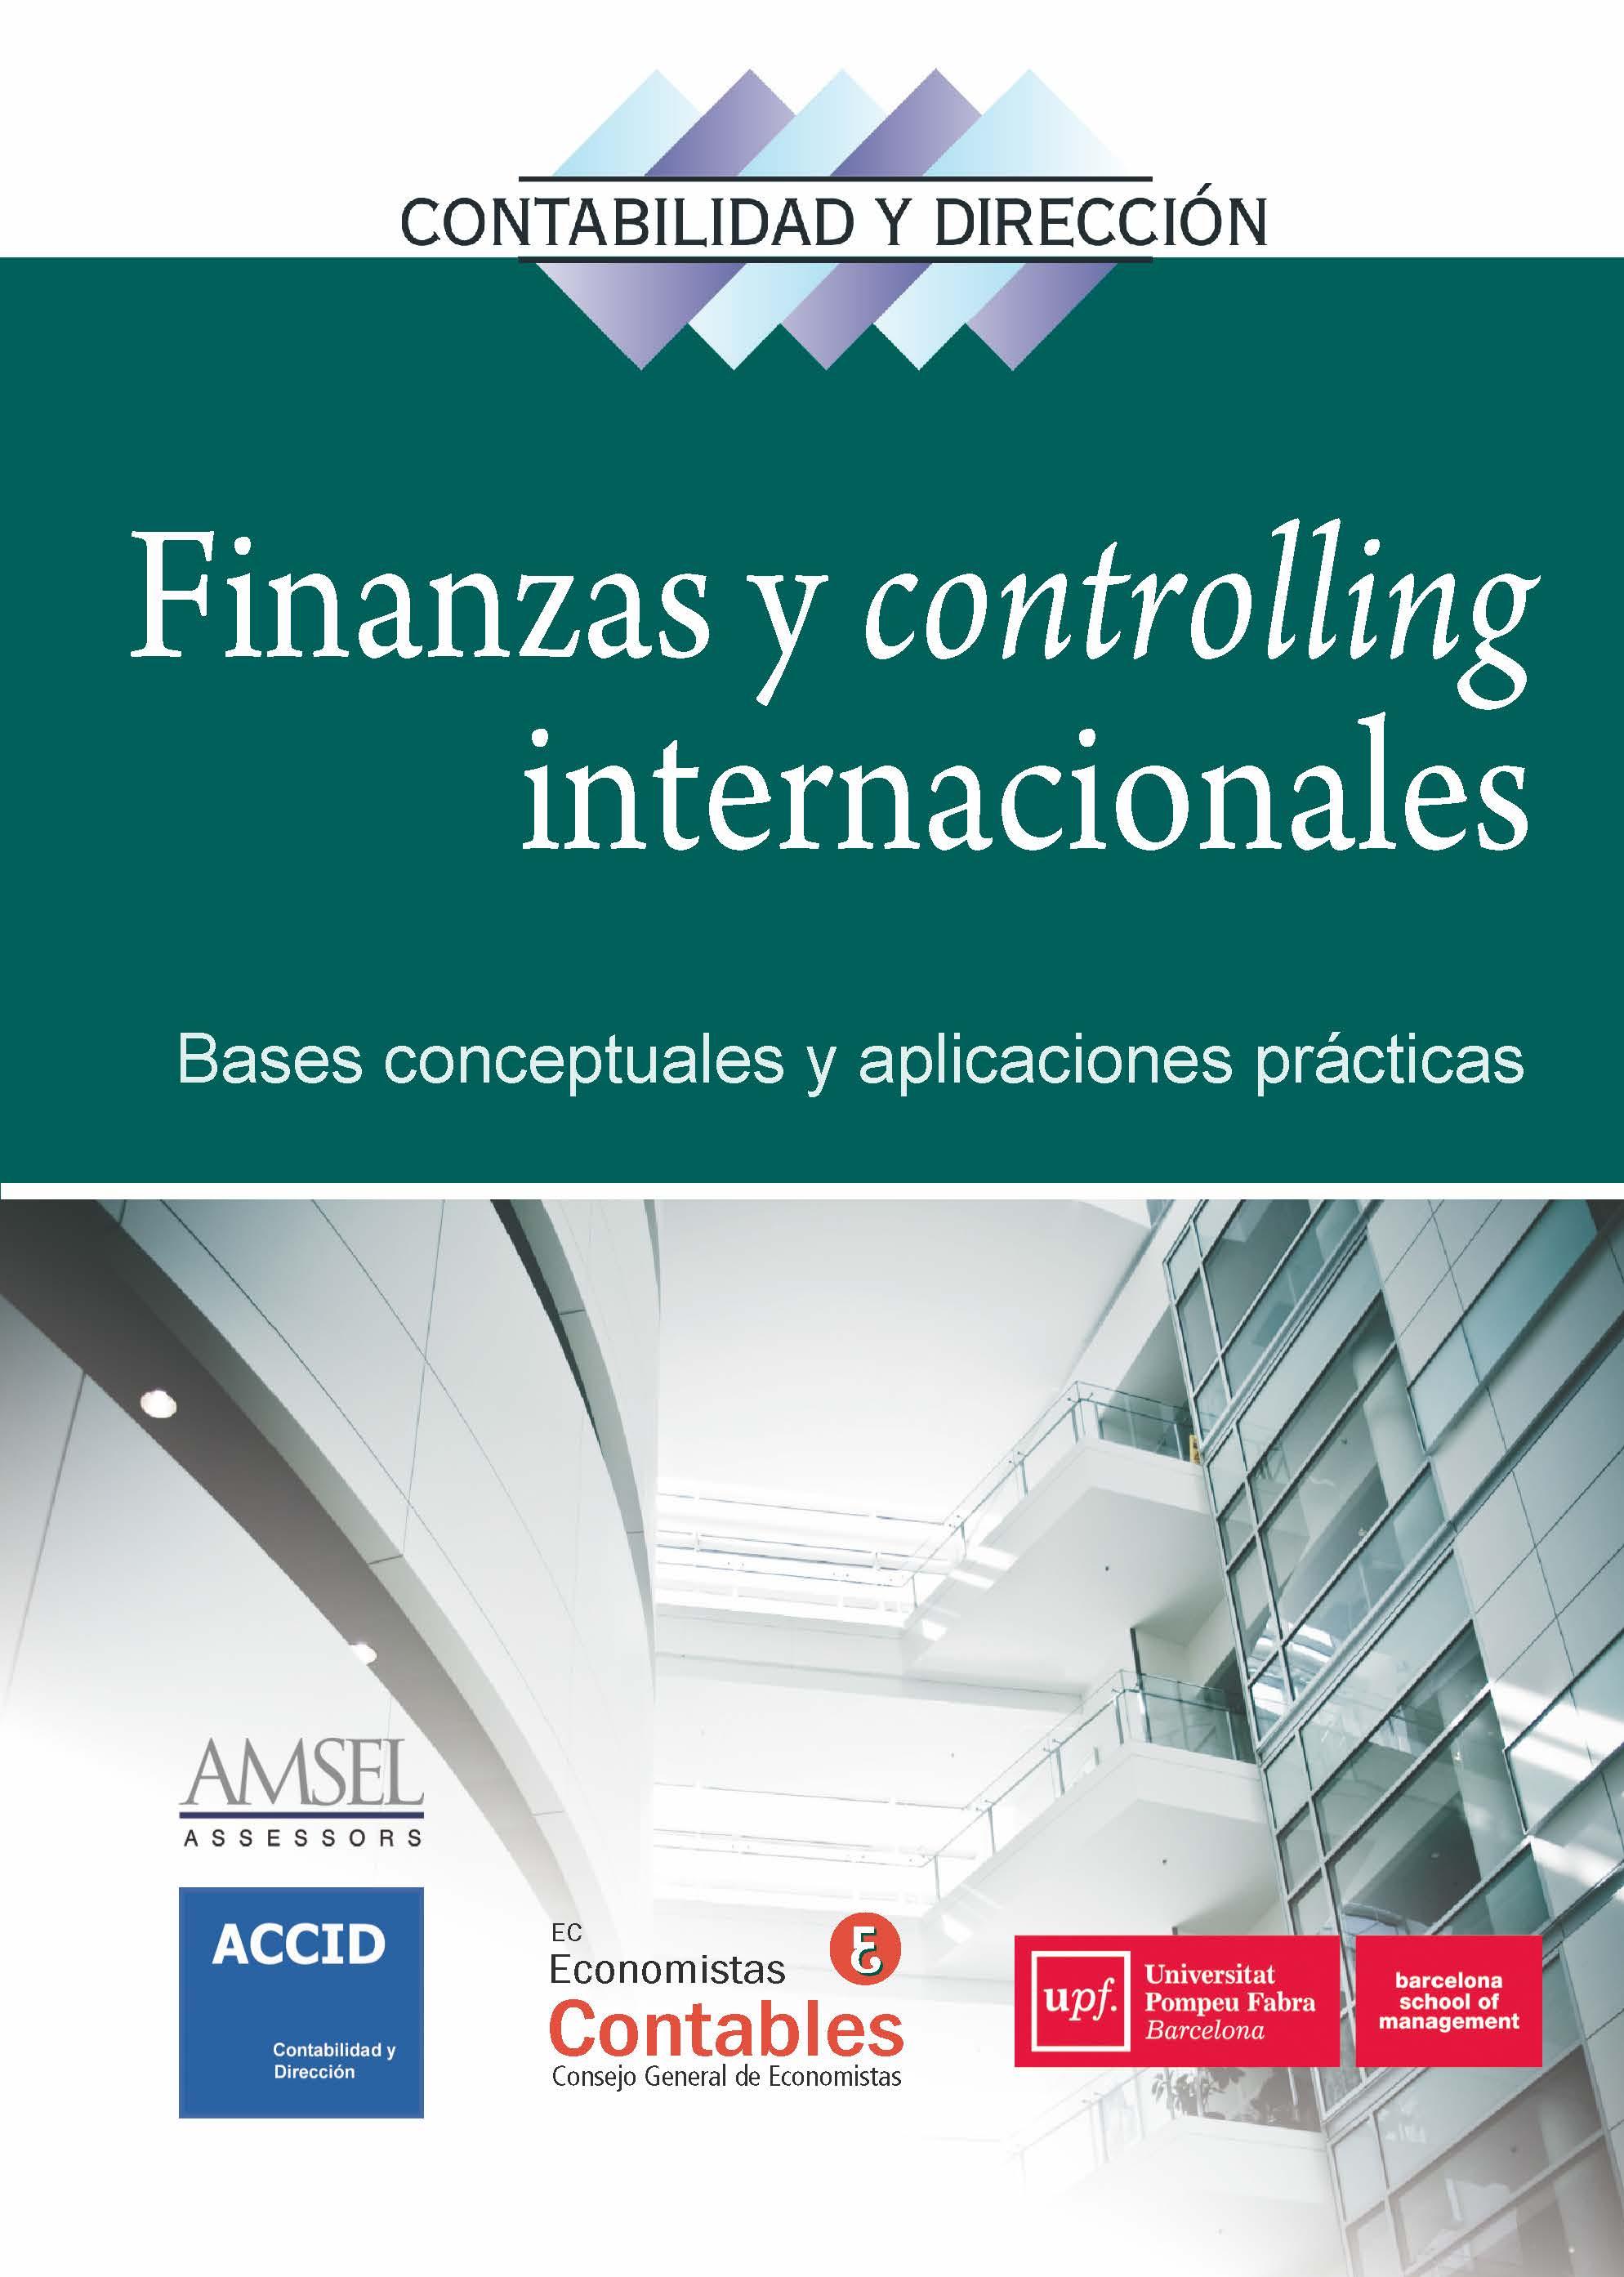 Finanzas y controlling internacionales. Revista 26   «Bases conceptuales y aplicaciones prácticas»